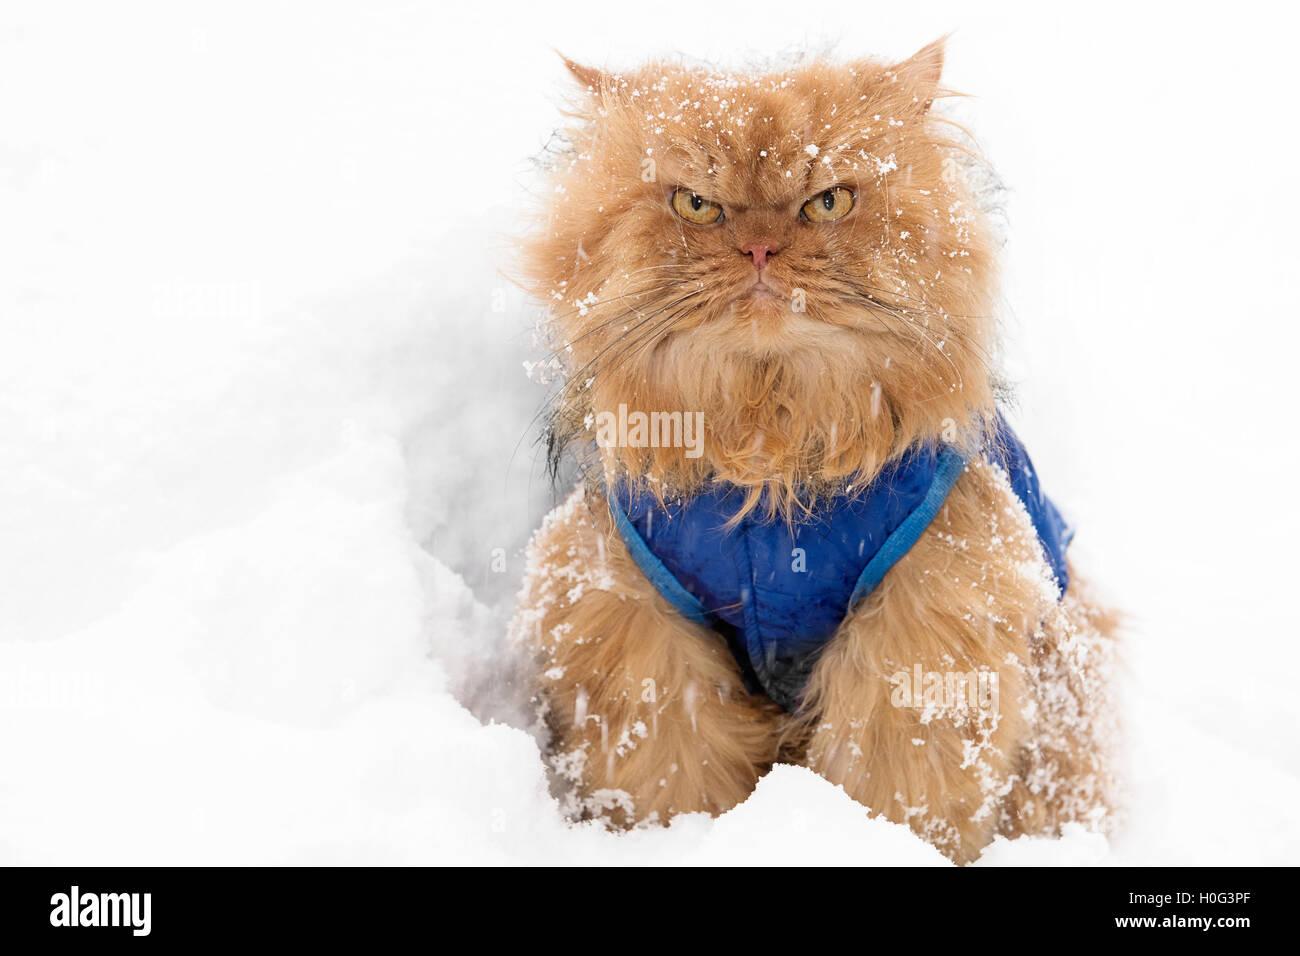 Orange Persian Cat in snow looking at camera - Stock Image